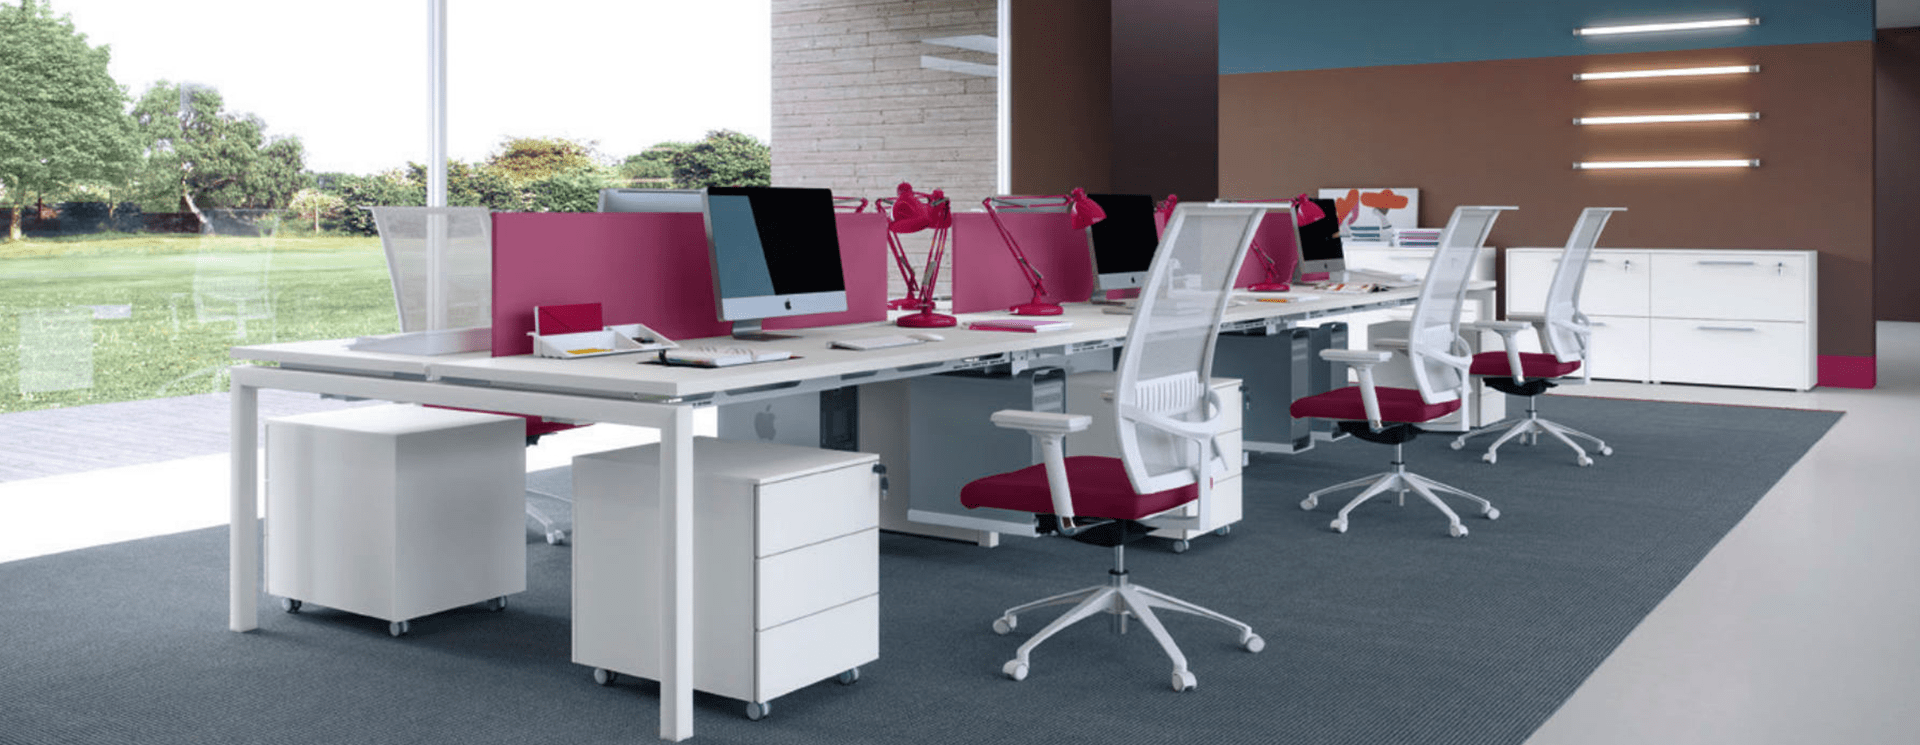 Arreglar piston silla oficina latest cambio de piston for Nacional de muebles para oficina y comercio